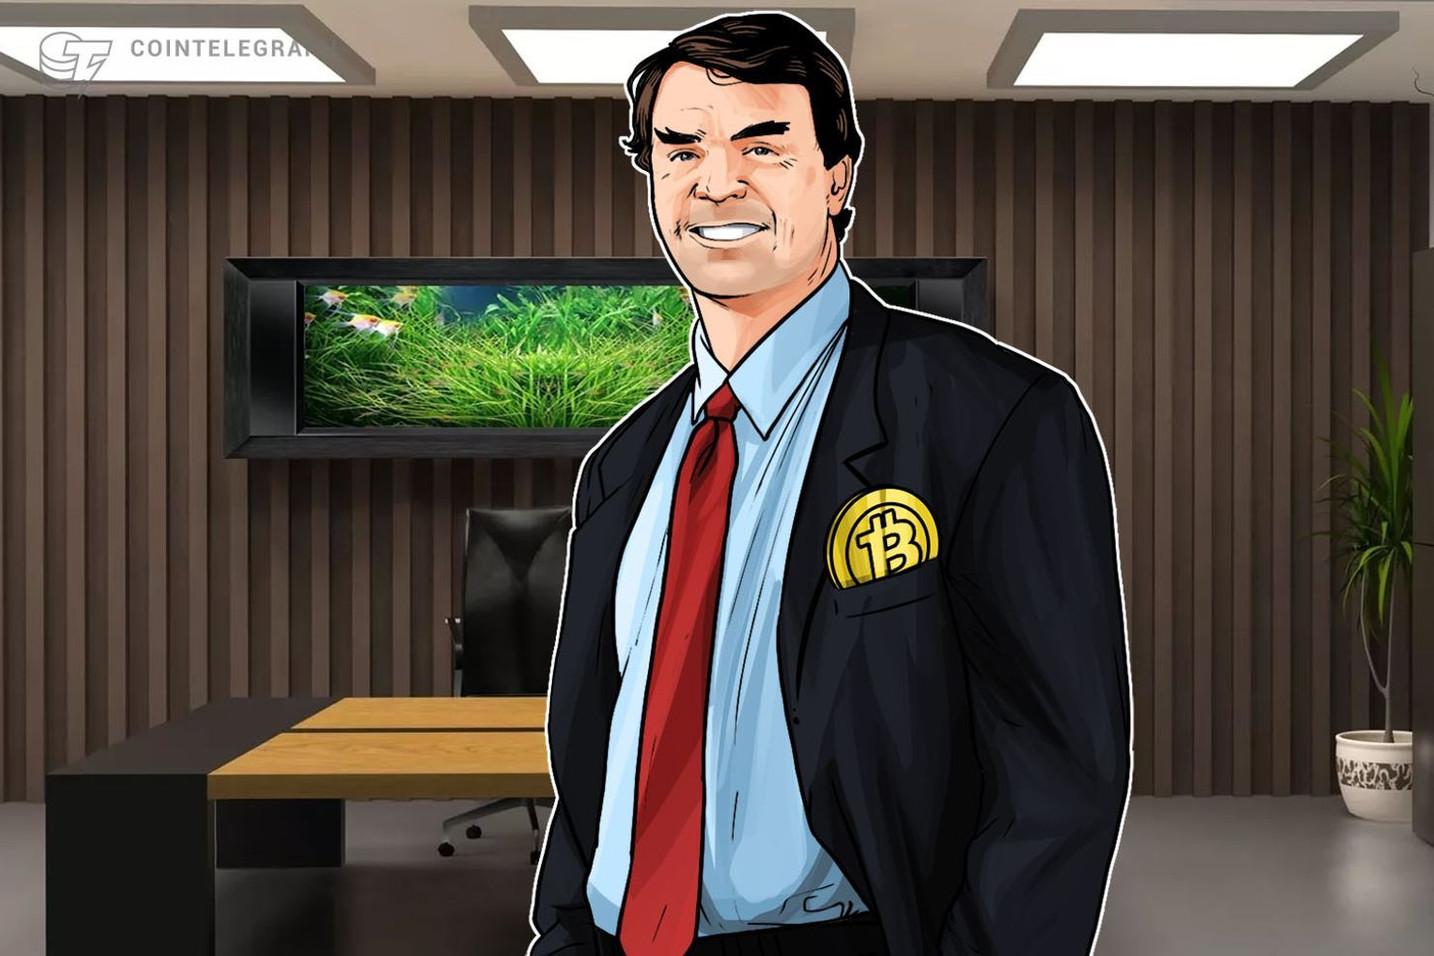 「少し保守的だったかな」 ティム・ドレイパー氏、 仮想通貨ビットコイン25万ドル予想を振り返る